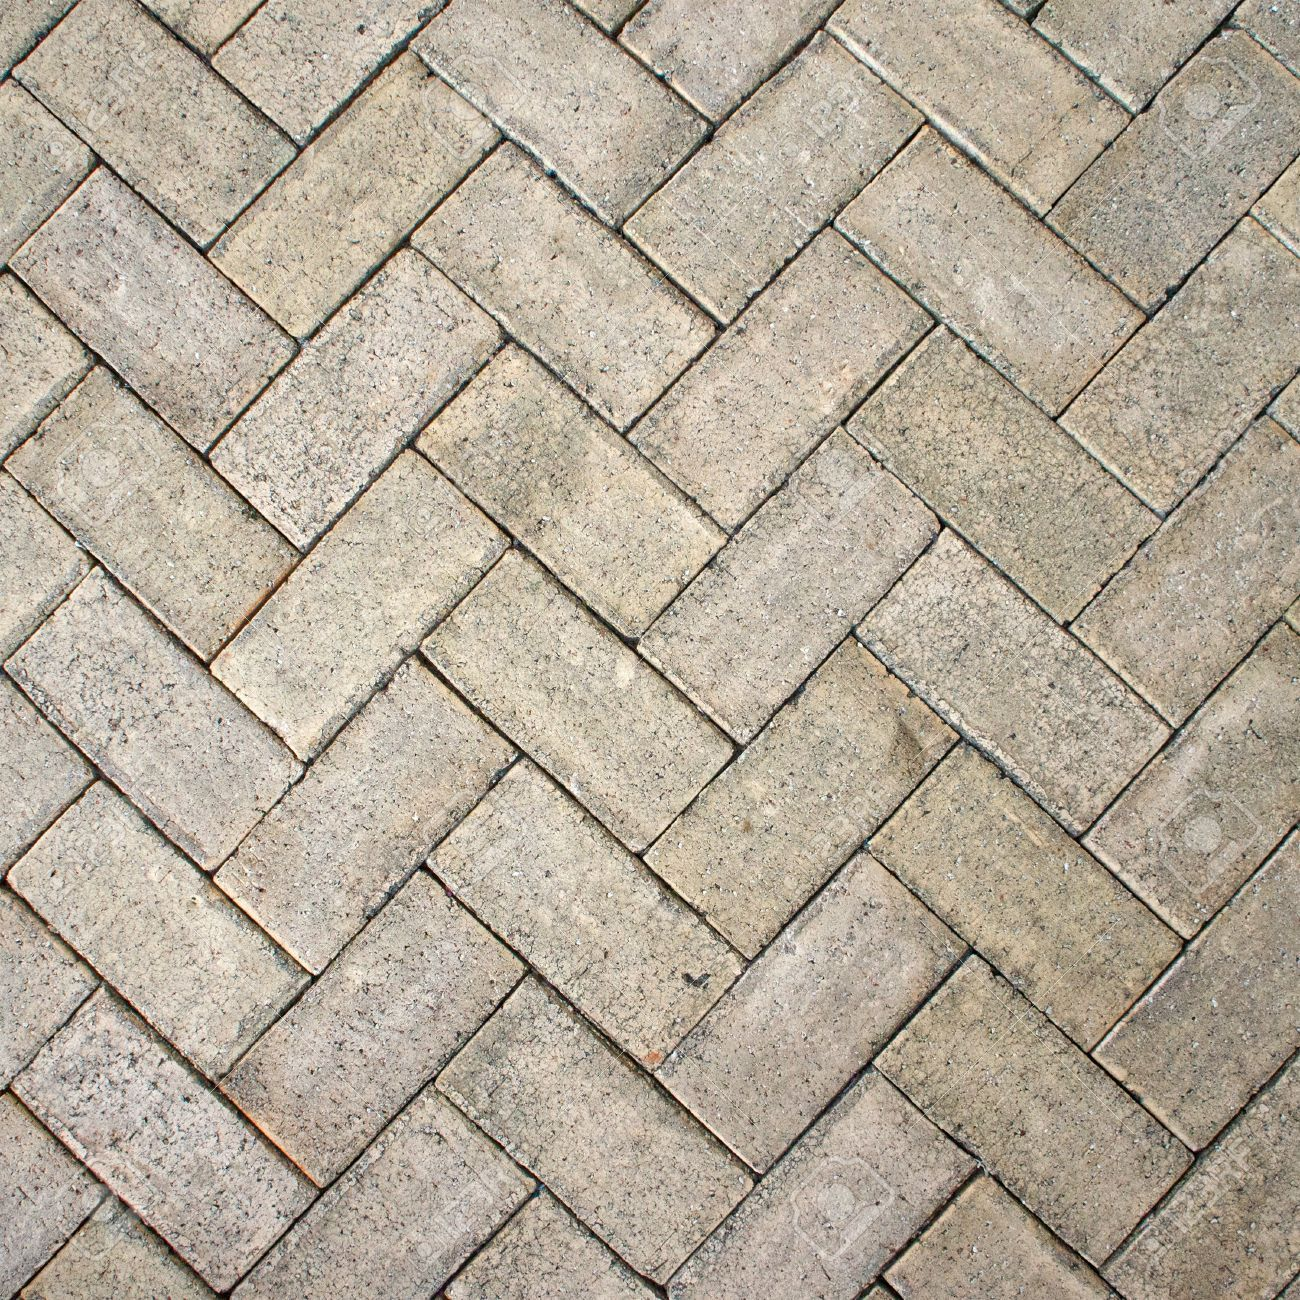 Light Brown Zigzag Brick Block Floor Texture For Background Stock